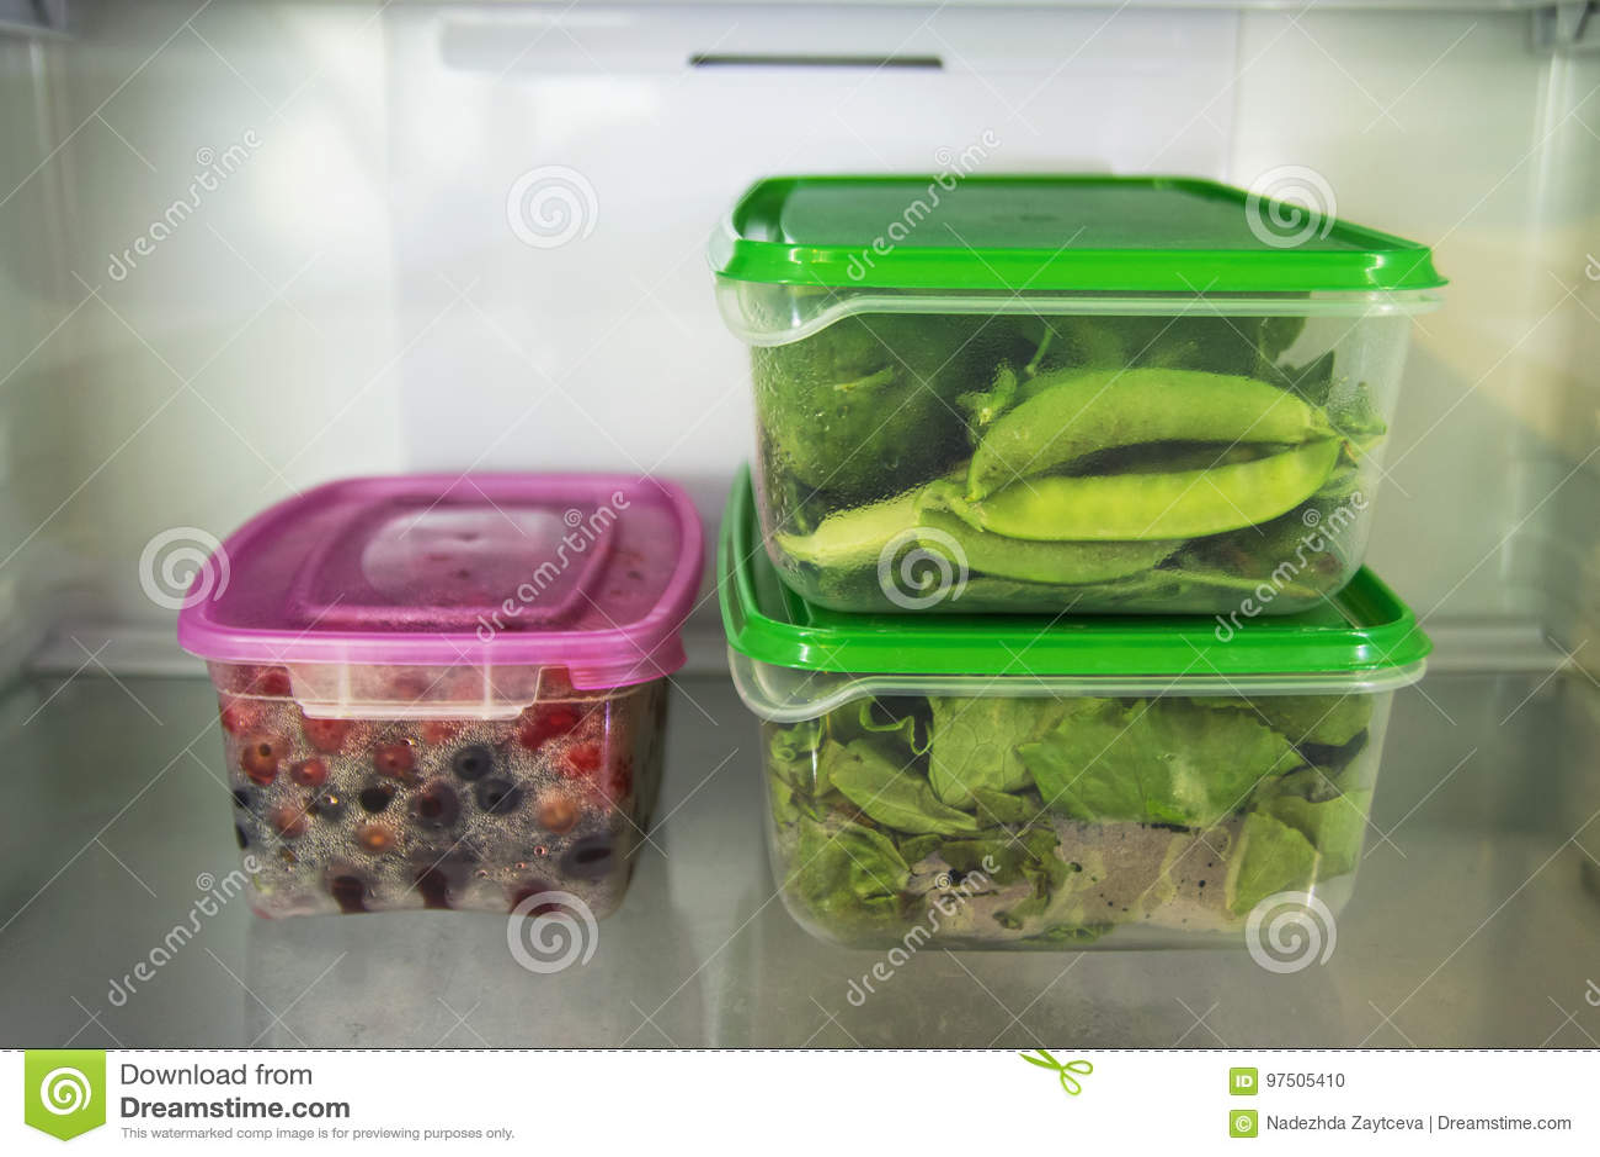 Twee plastic voedselcontainers met groene plantaardig en met bessen op een plank van een koelkast